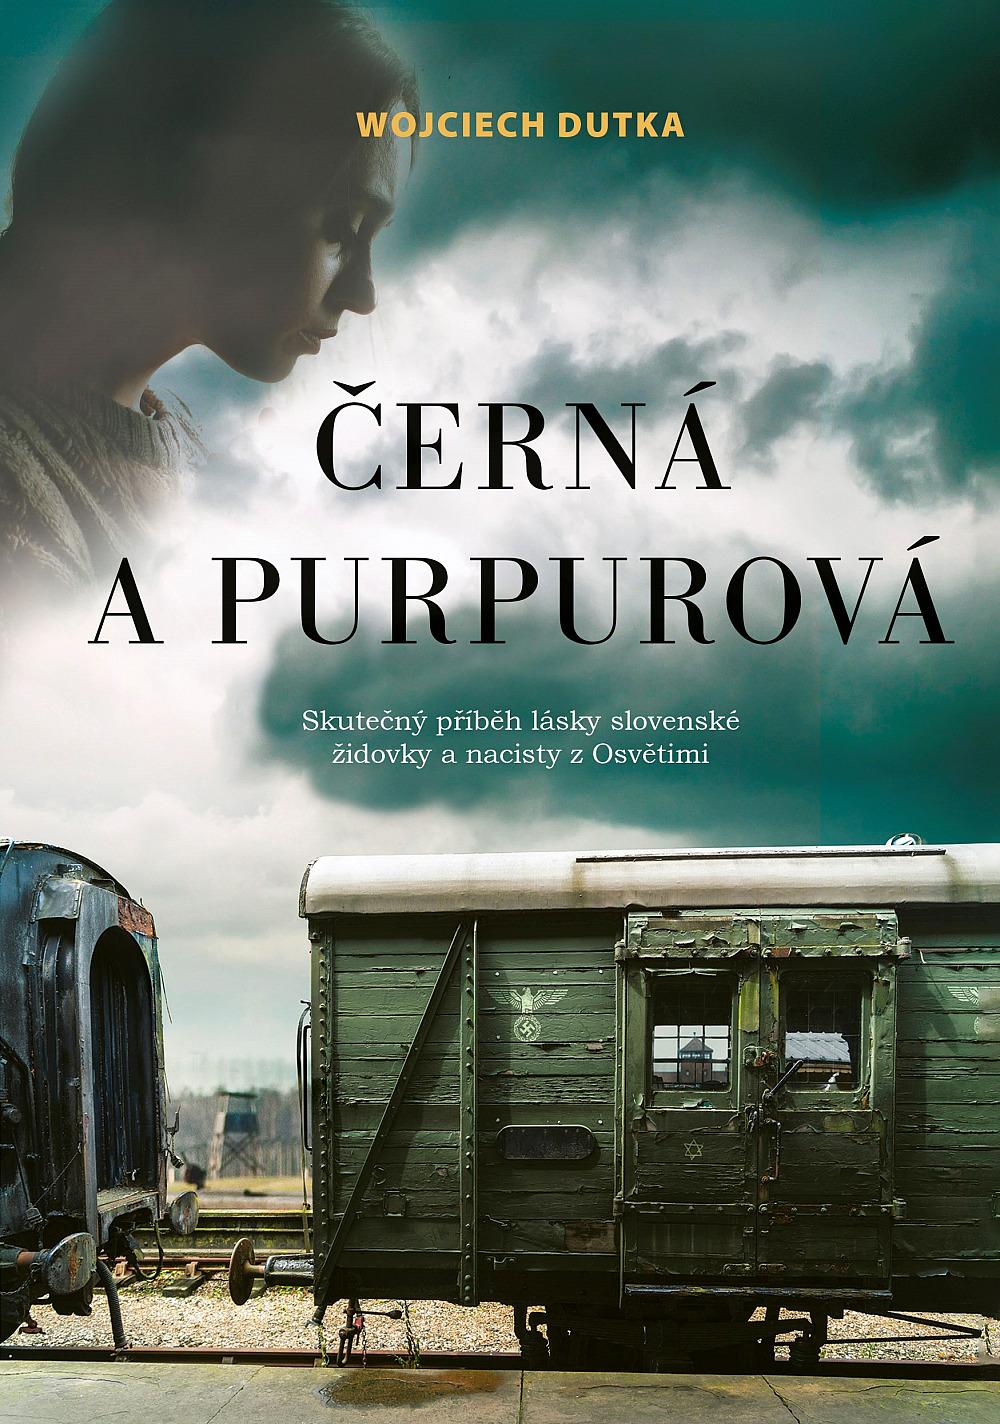 big_cerna-a-purpurova-l4n-448802